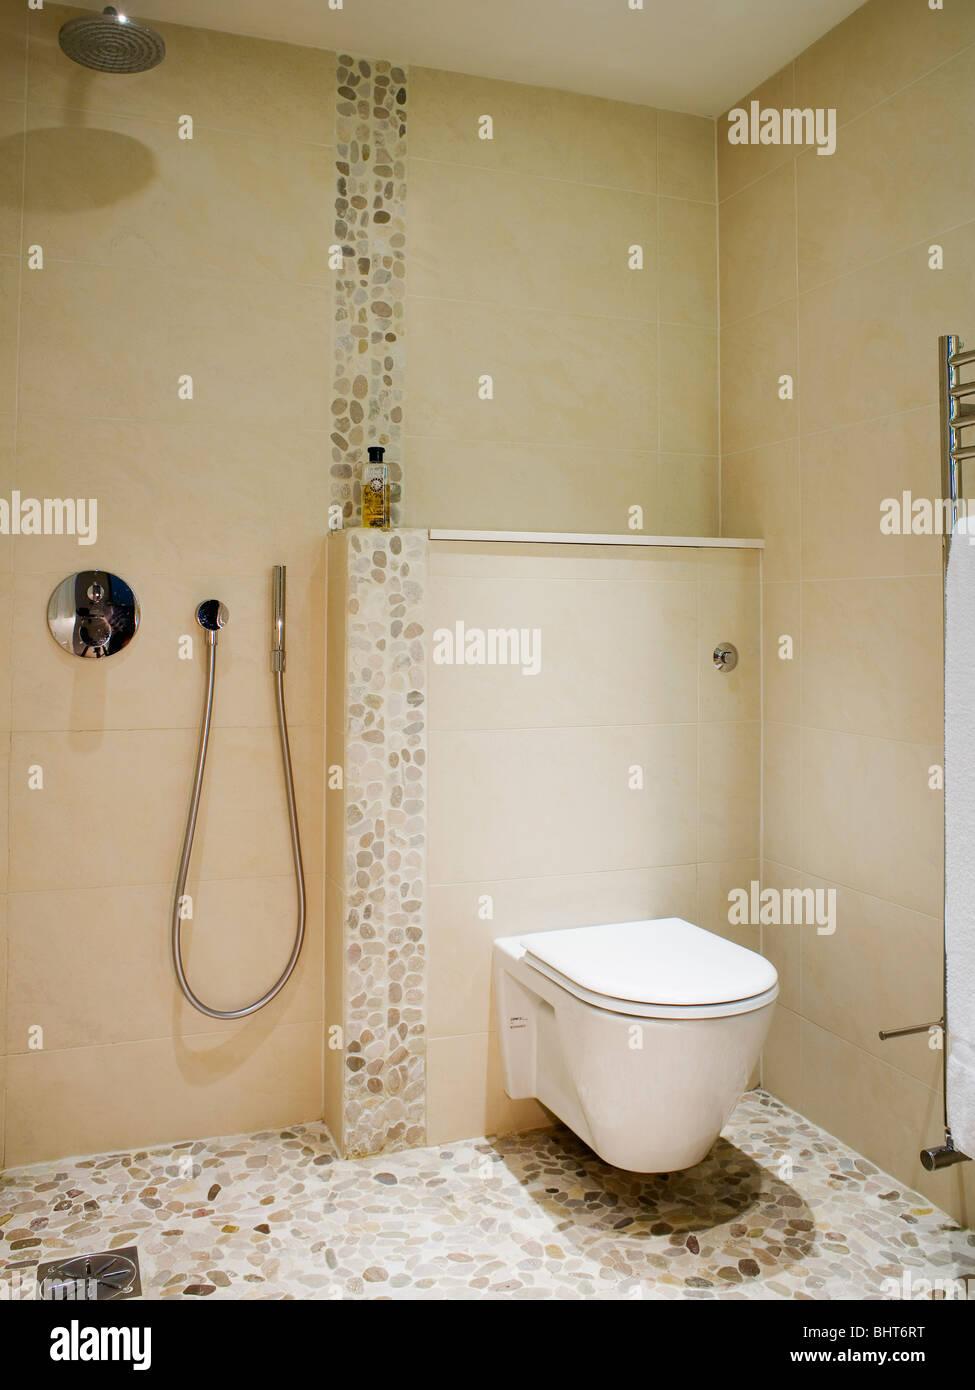 Doccia A Pavimento Con Mosaico.Wc E Doccia In Crema Moderno Wet Camera Con Mosaico Pavimento